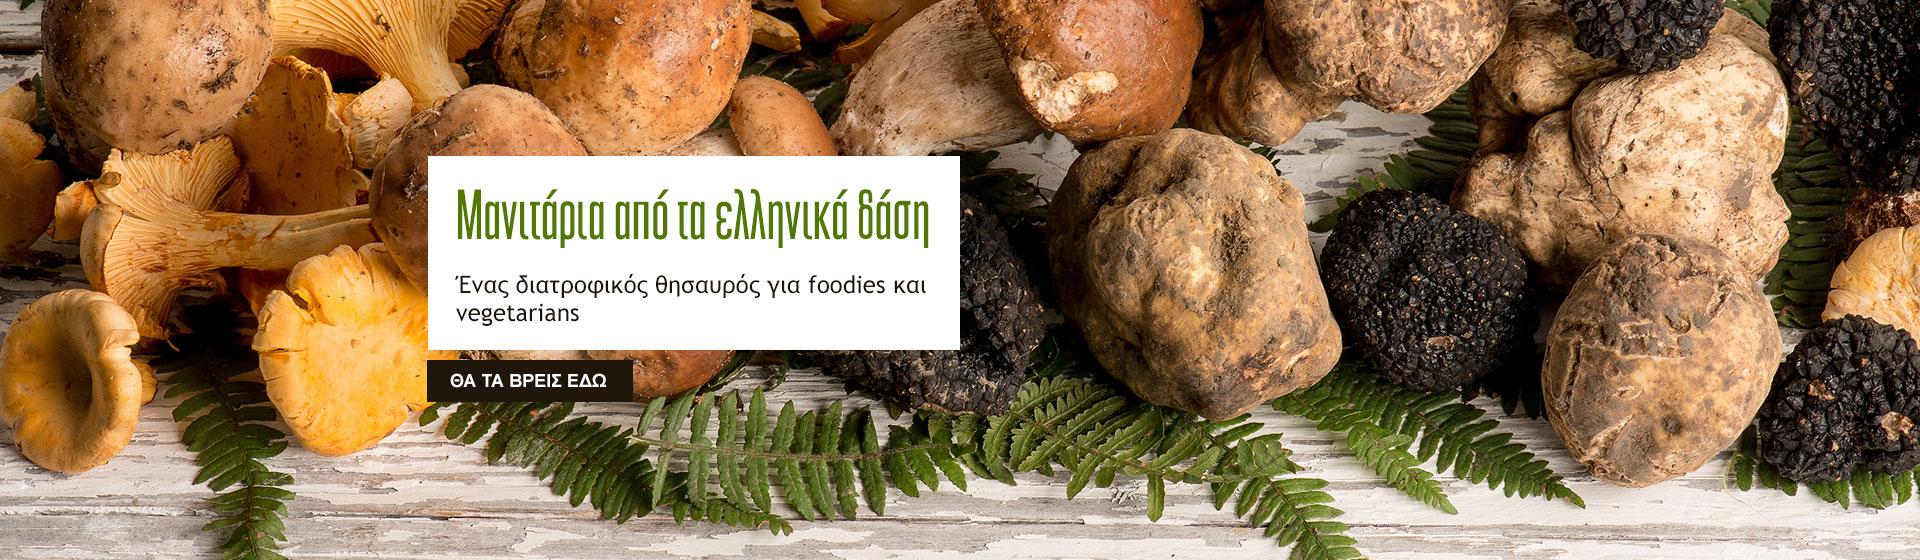 Μανιτάρια από τα ελληνικά δάση